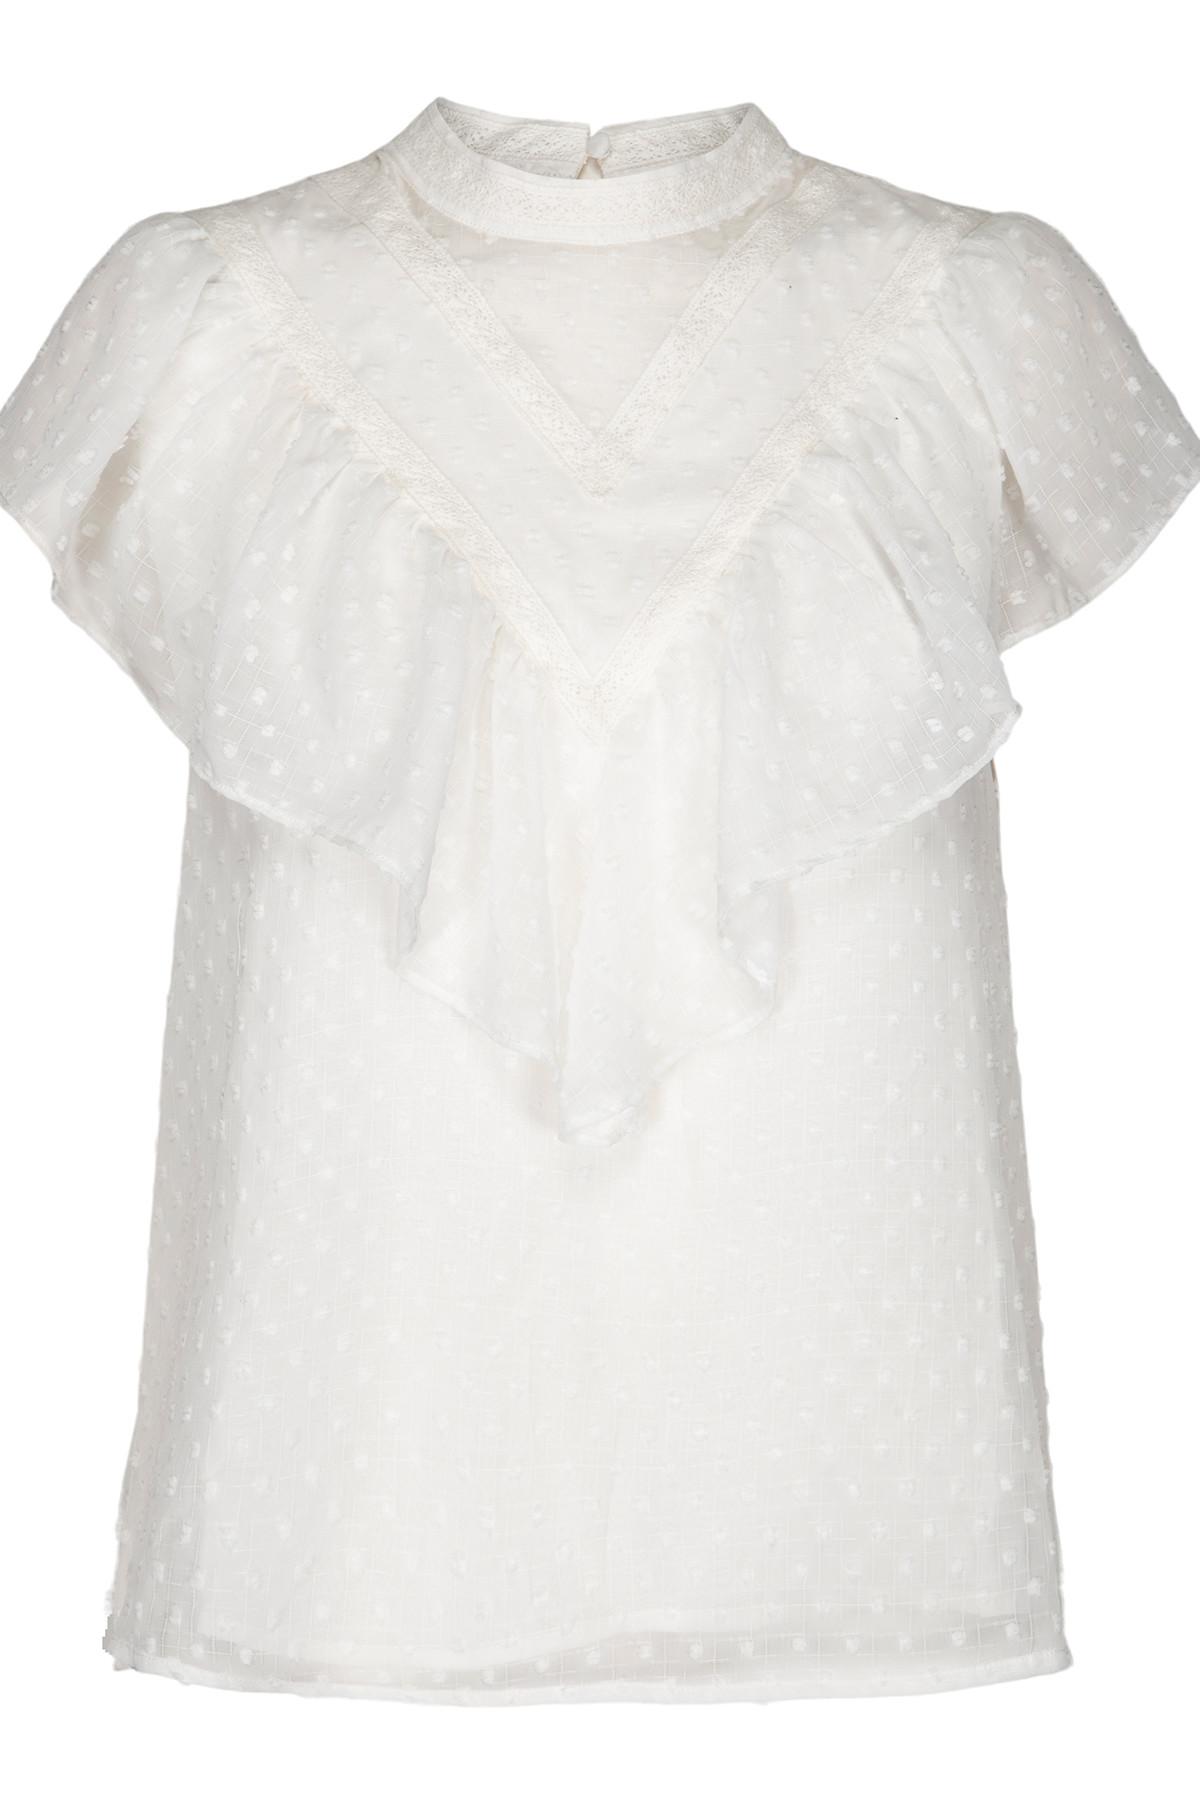 Stribet lyseblå skjorte fra And Less Alace Køb den her!